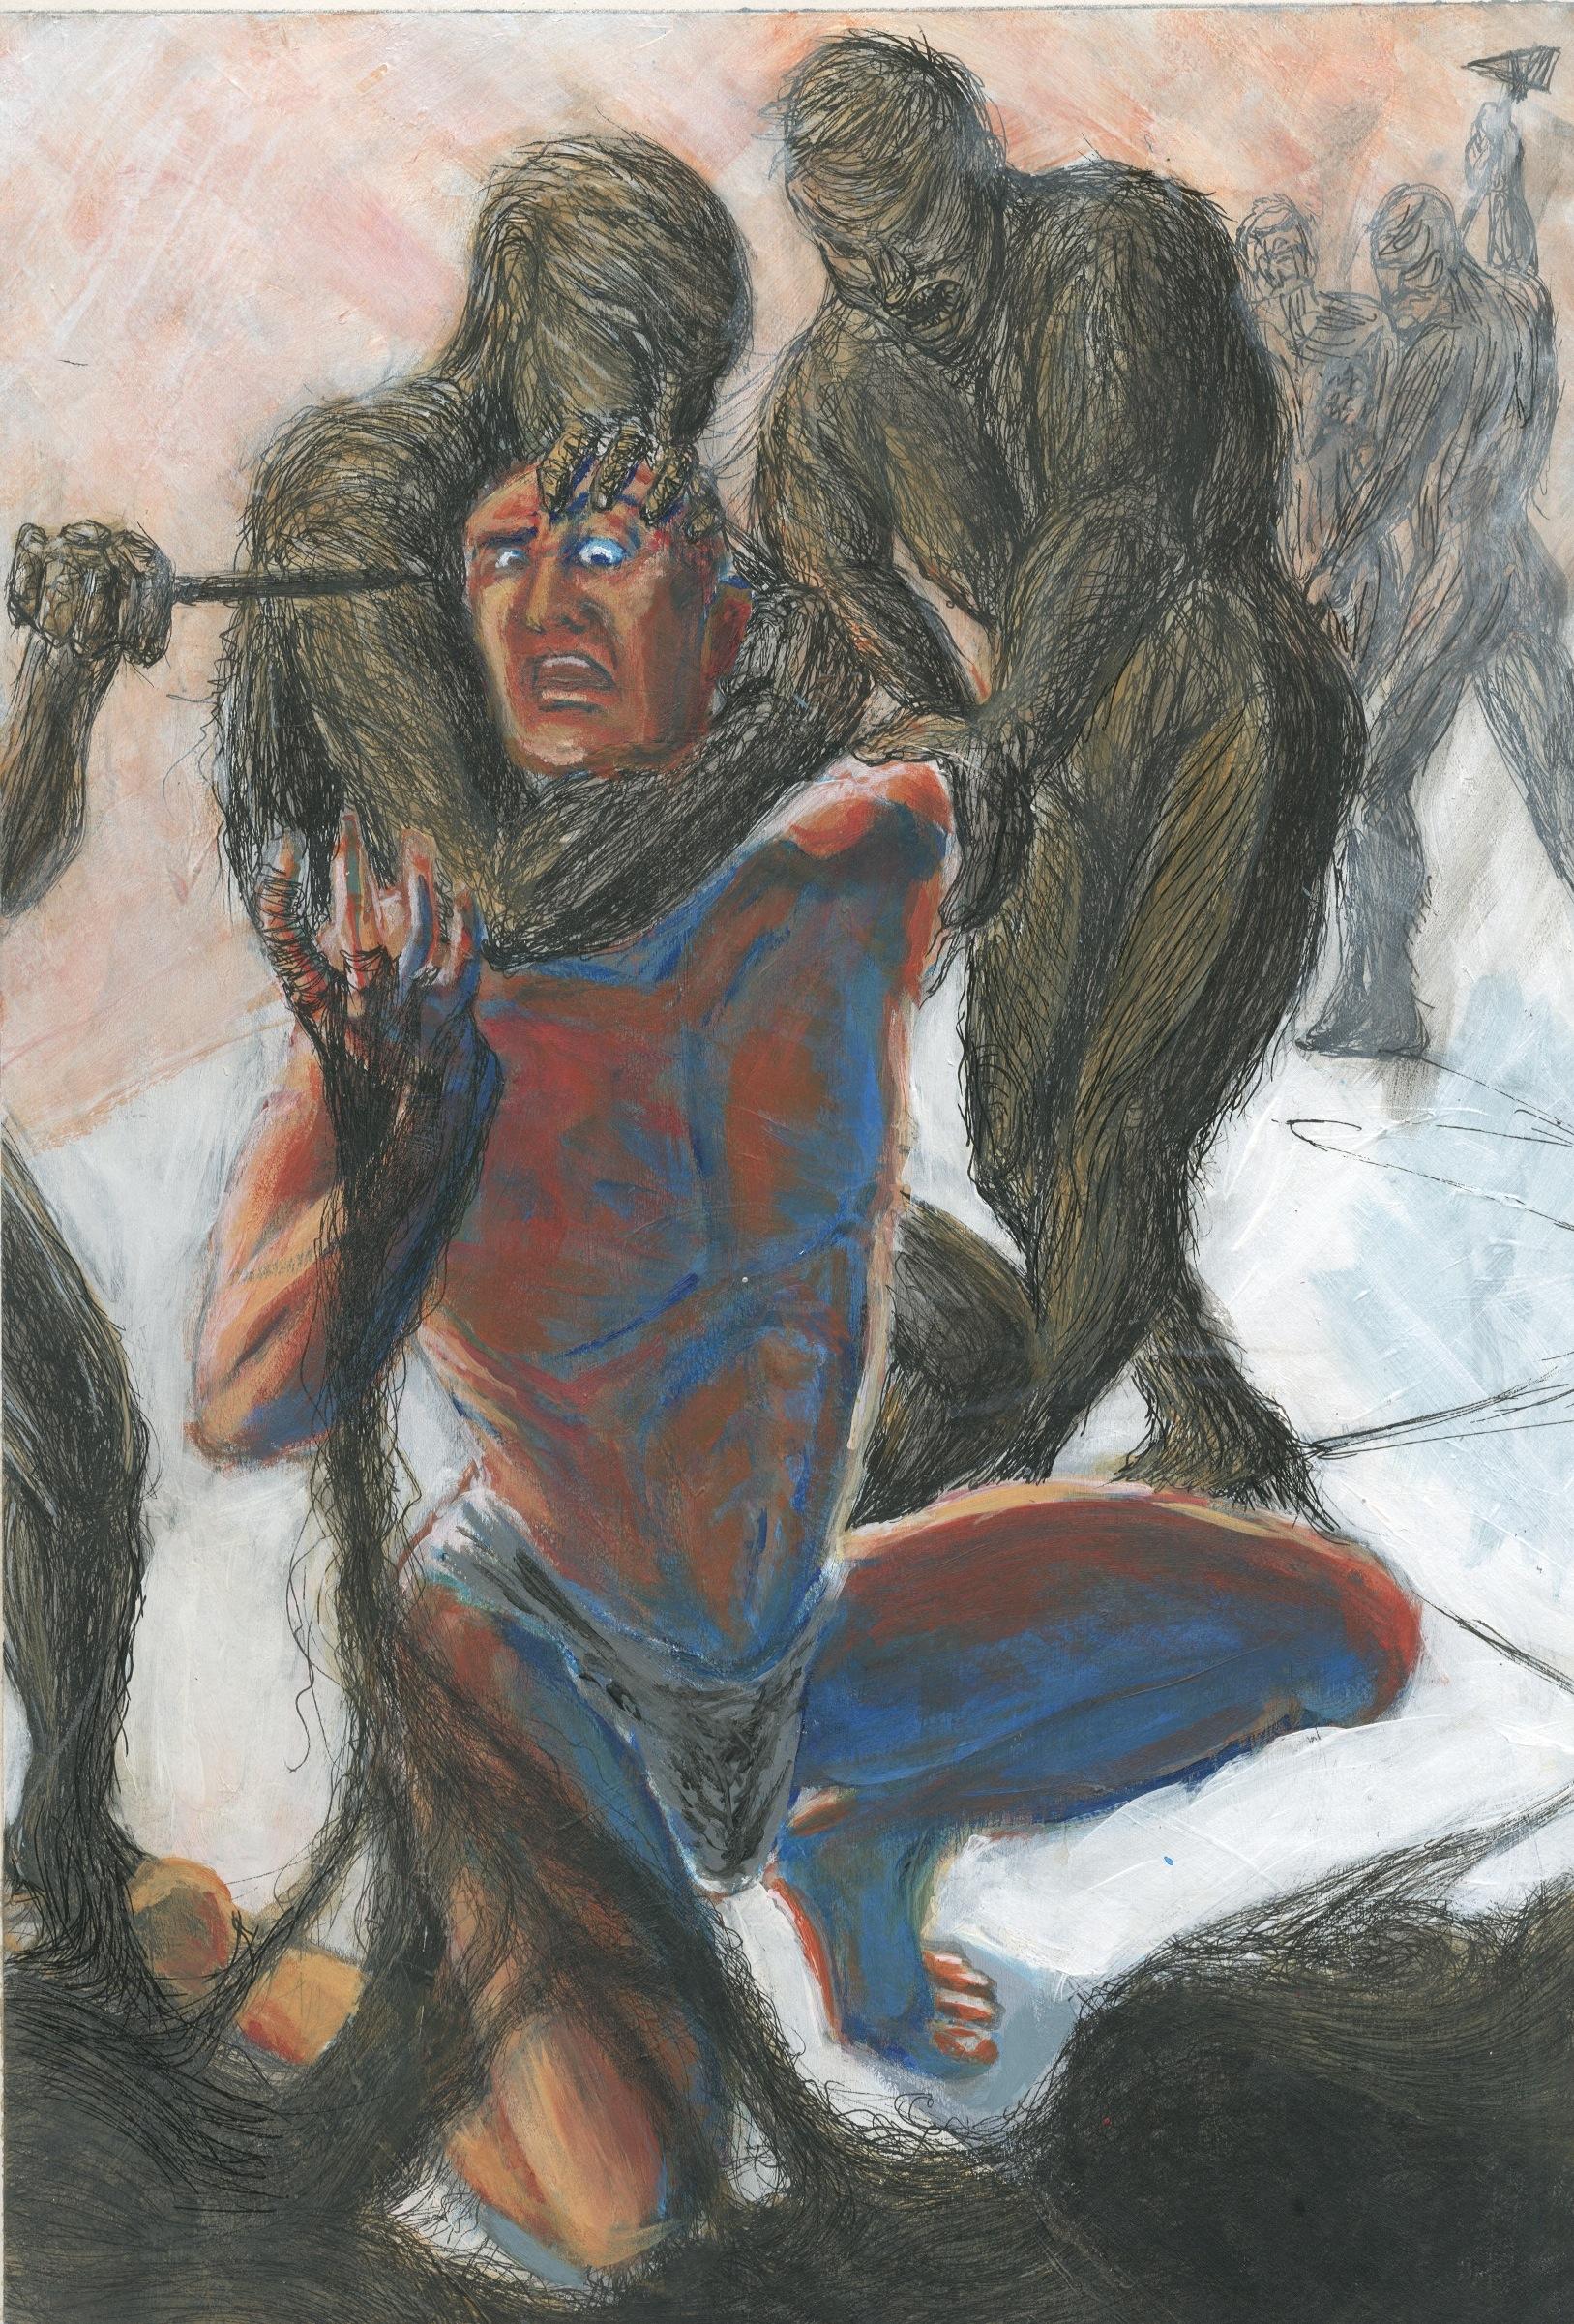 The Blinding Of Samson #7